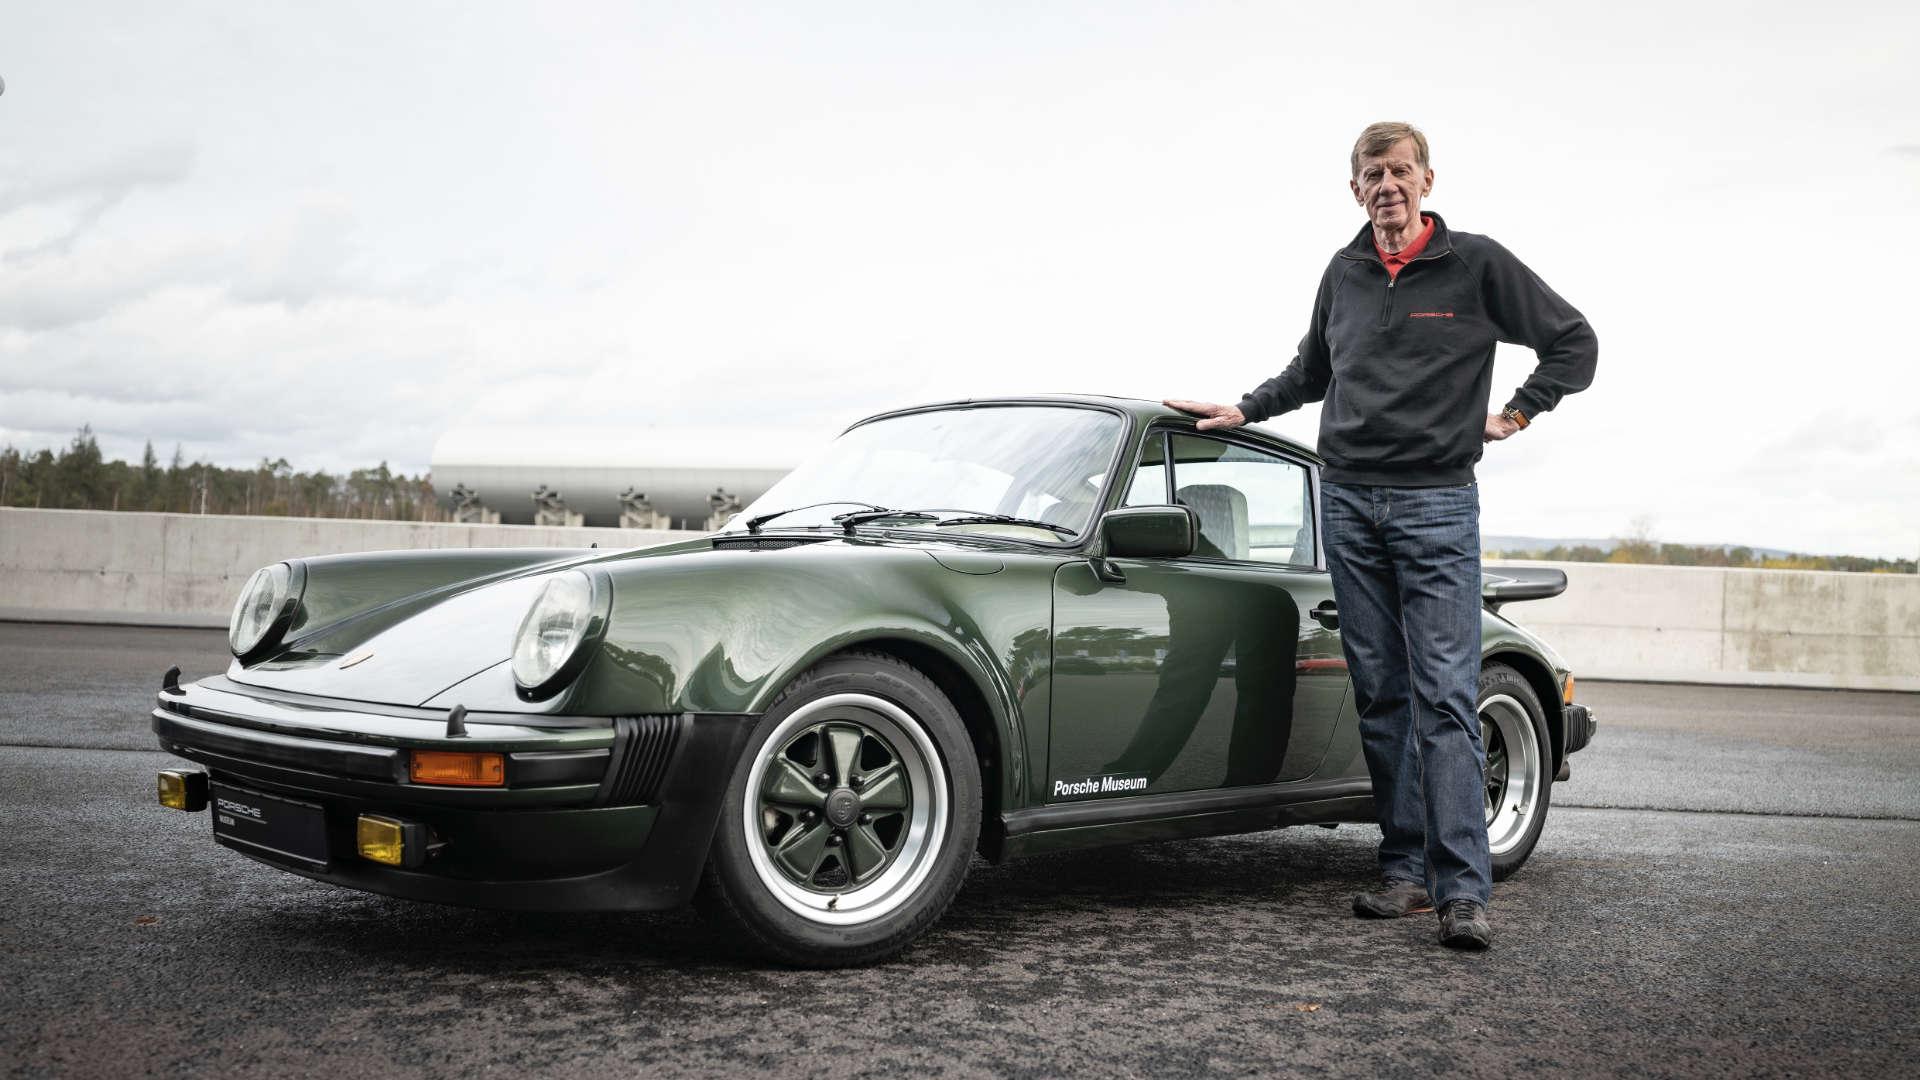 Walter Röhrl Porsche 911 Turbo 930